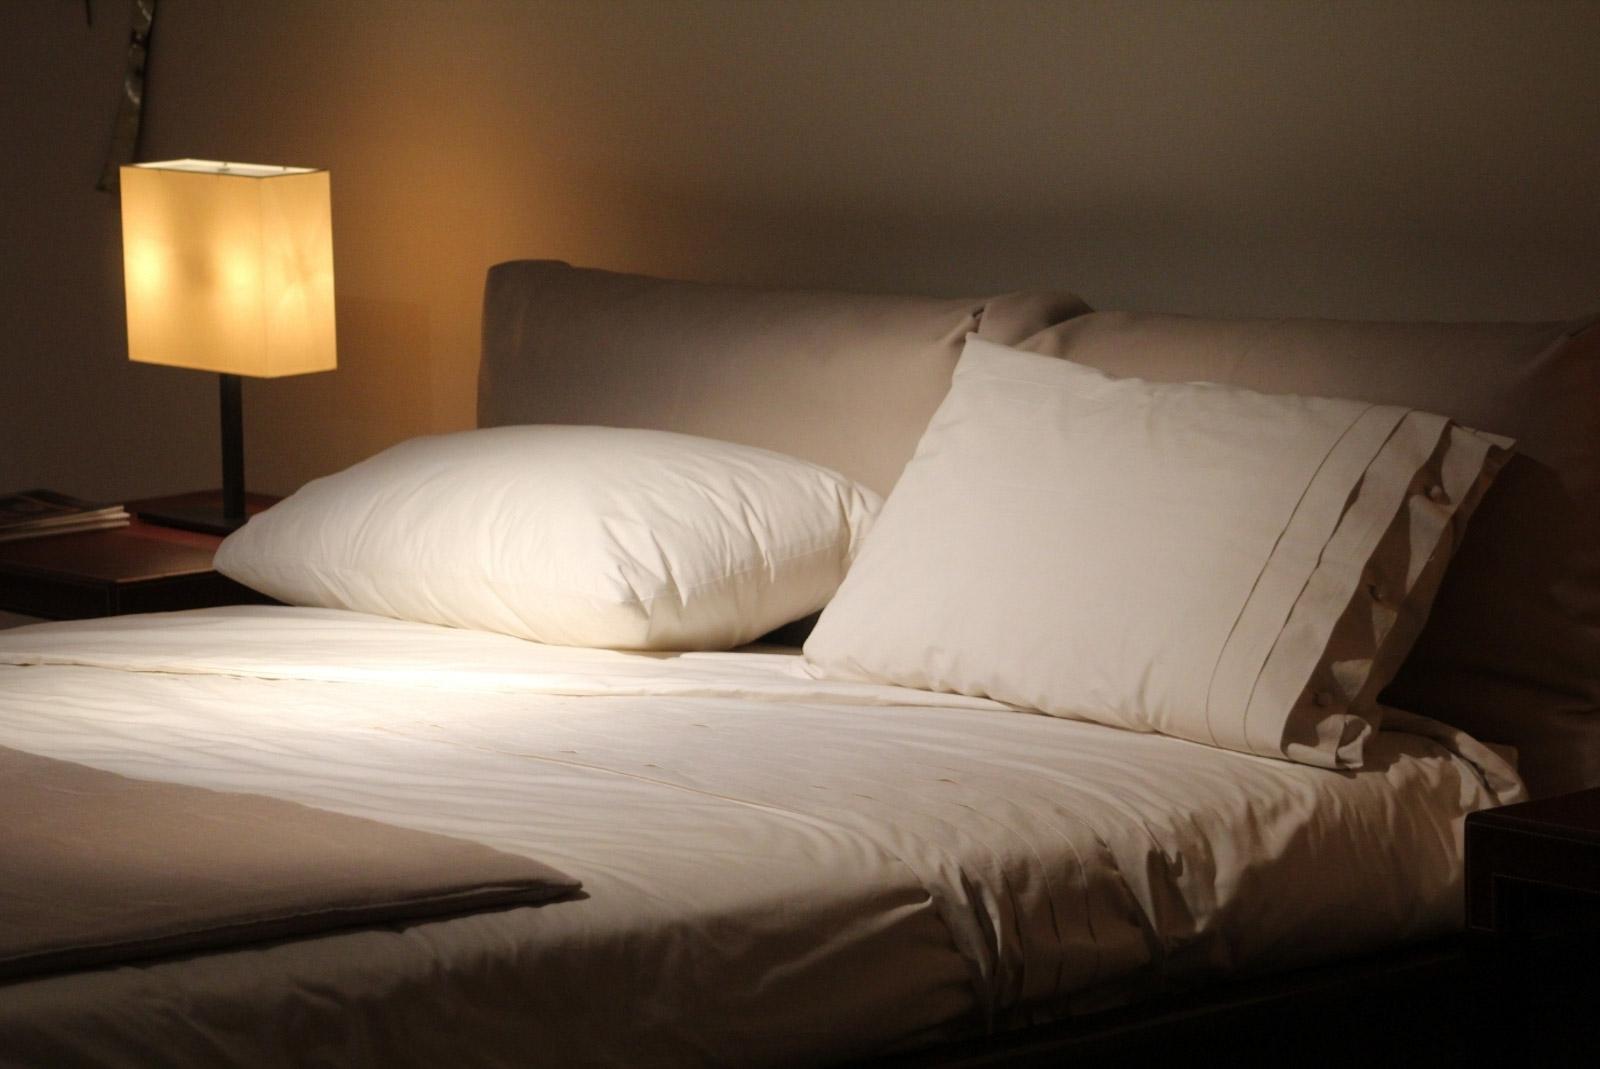 Dormir en Torremolinos hoteles